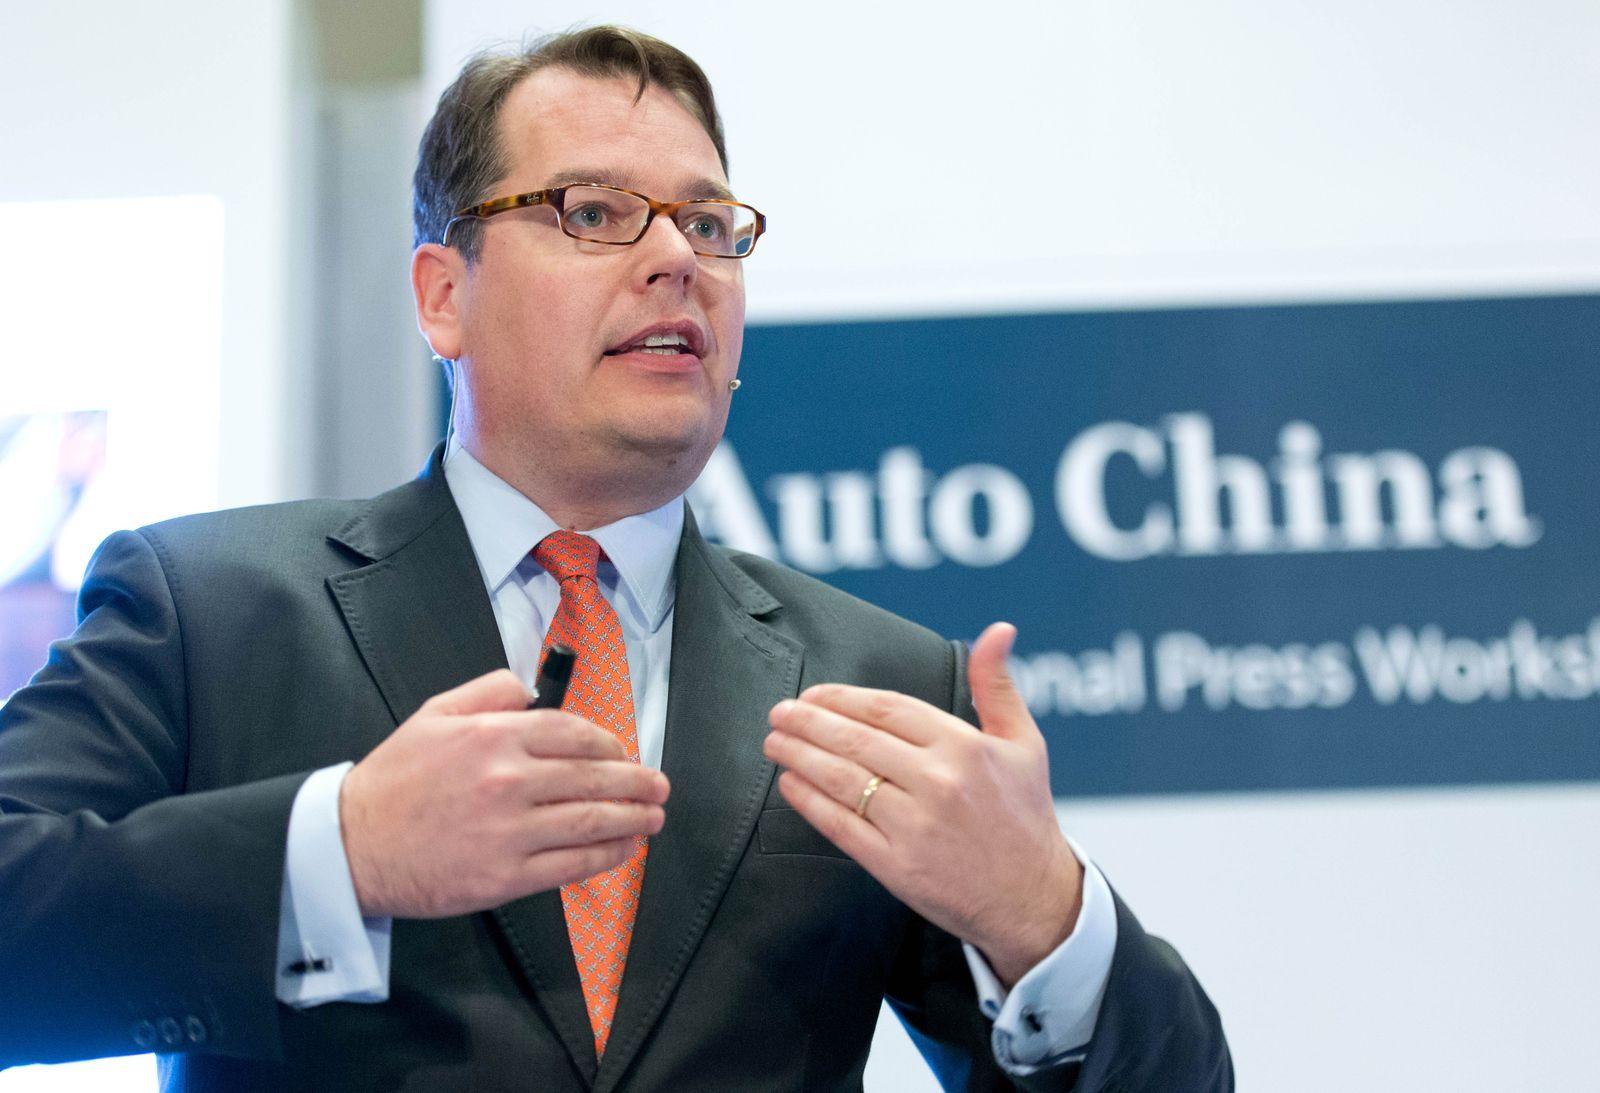 Auto China / Volkswagen Group China